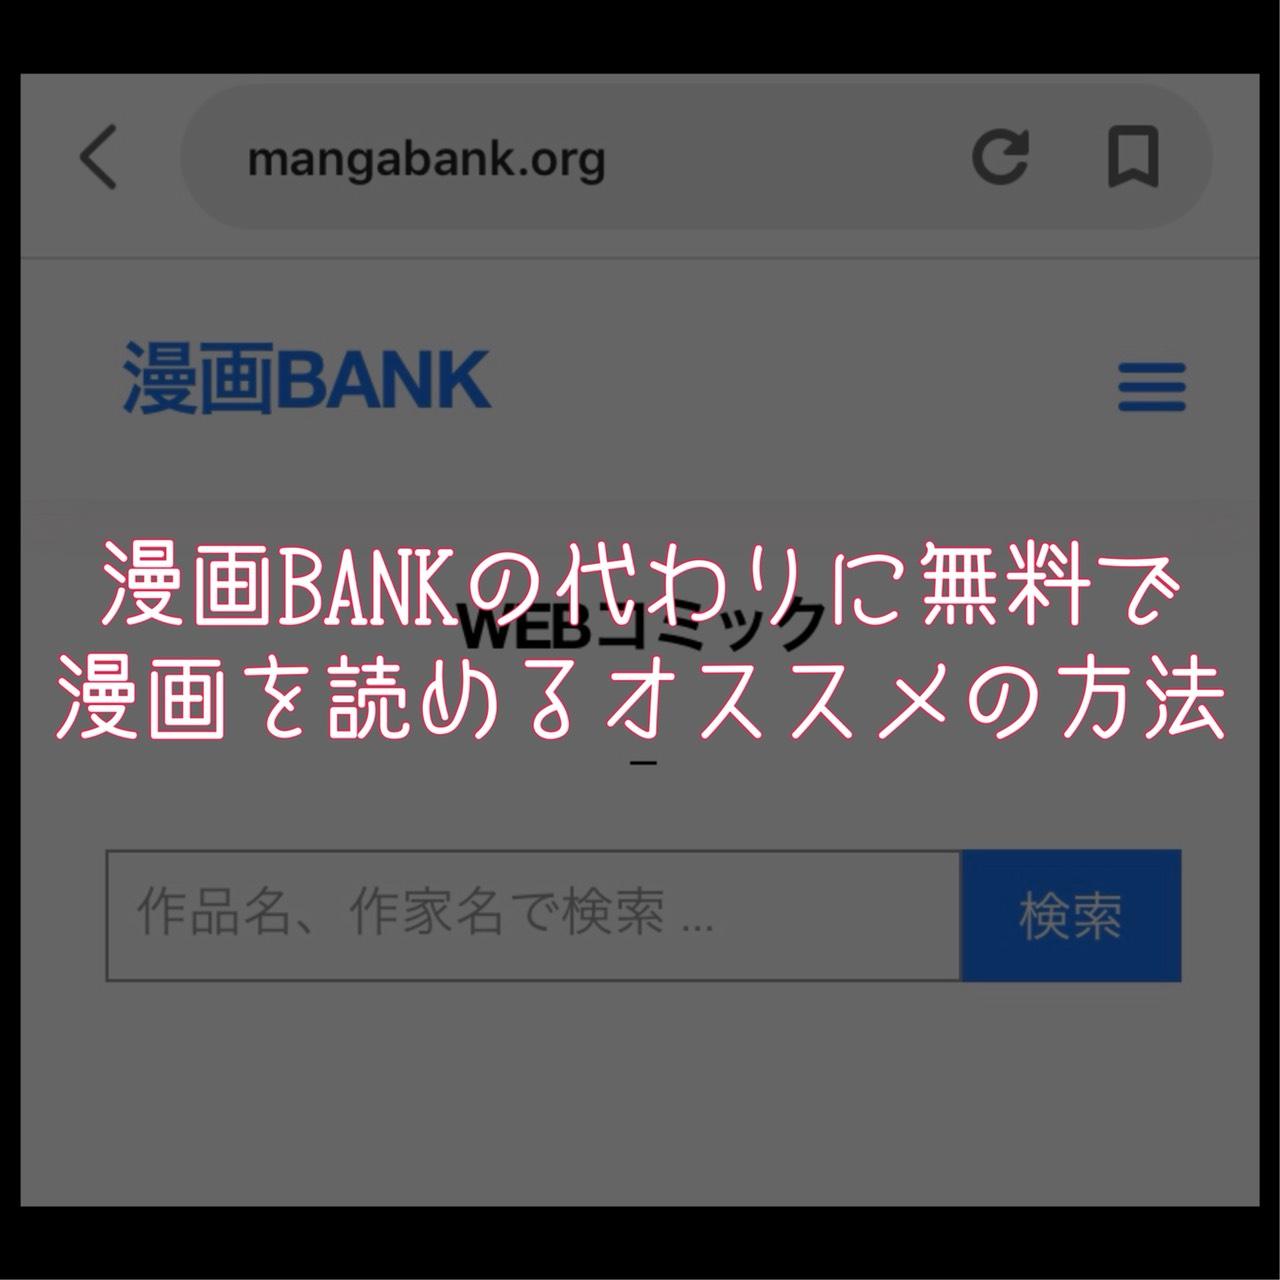 漫画 bank 違法